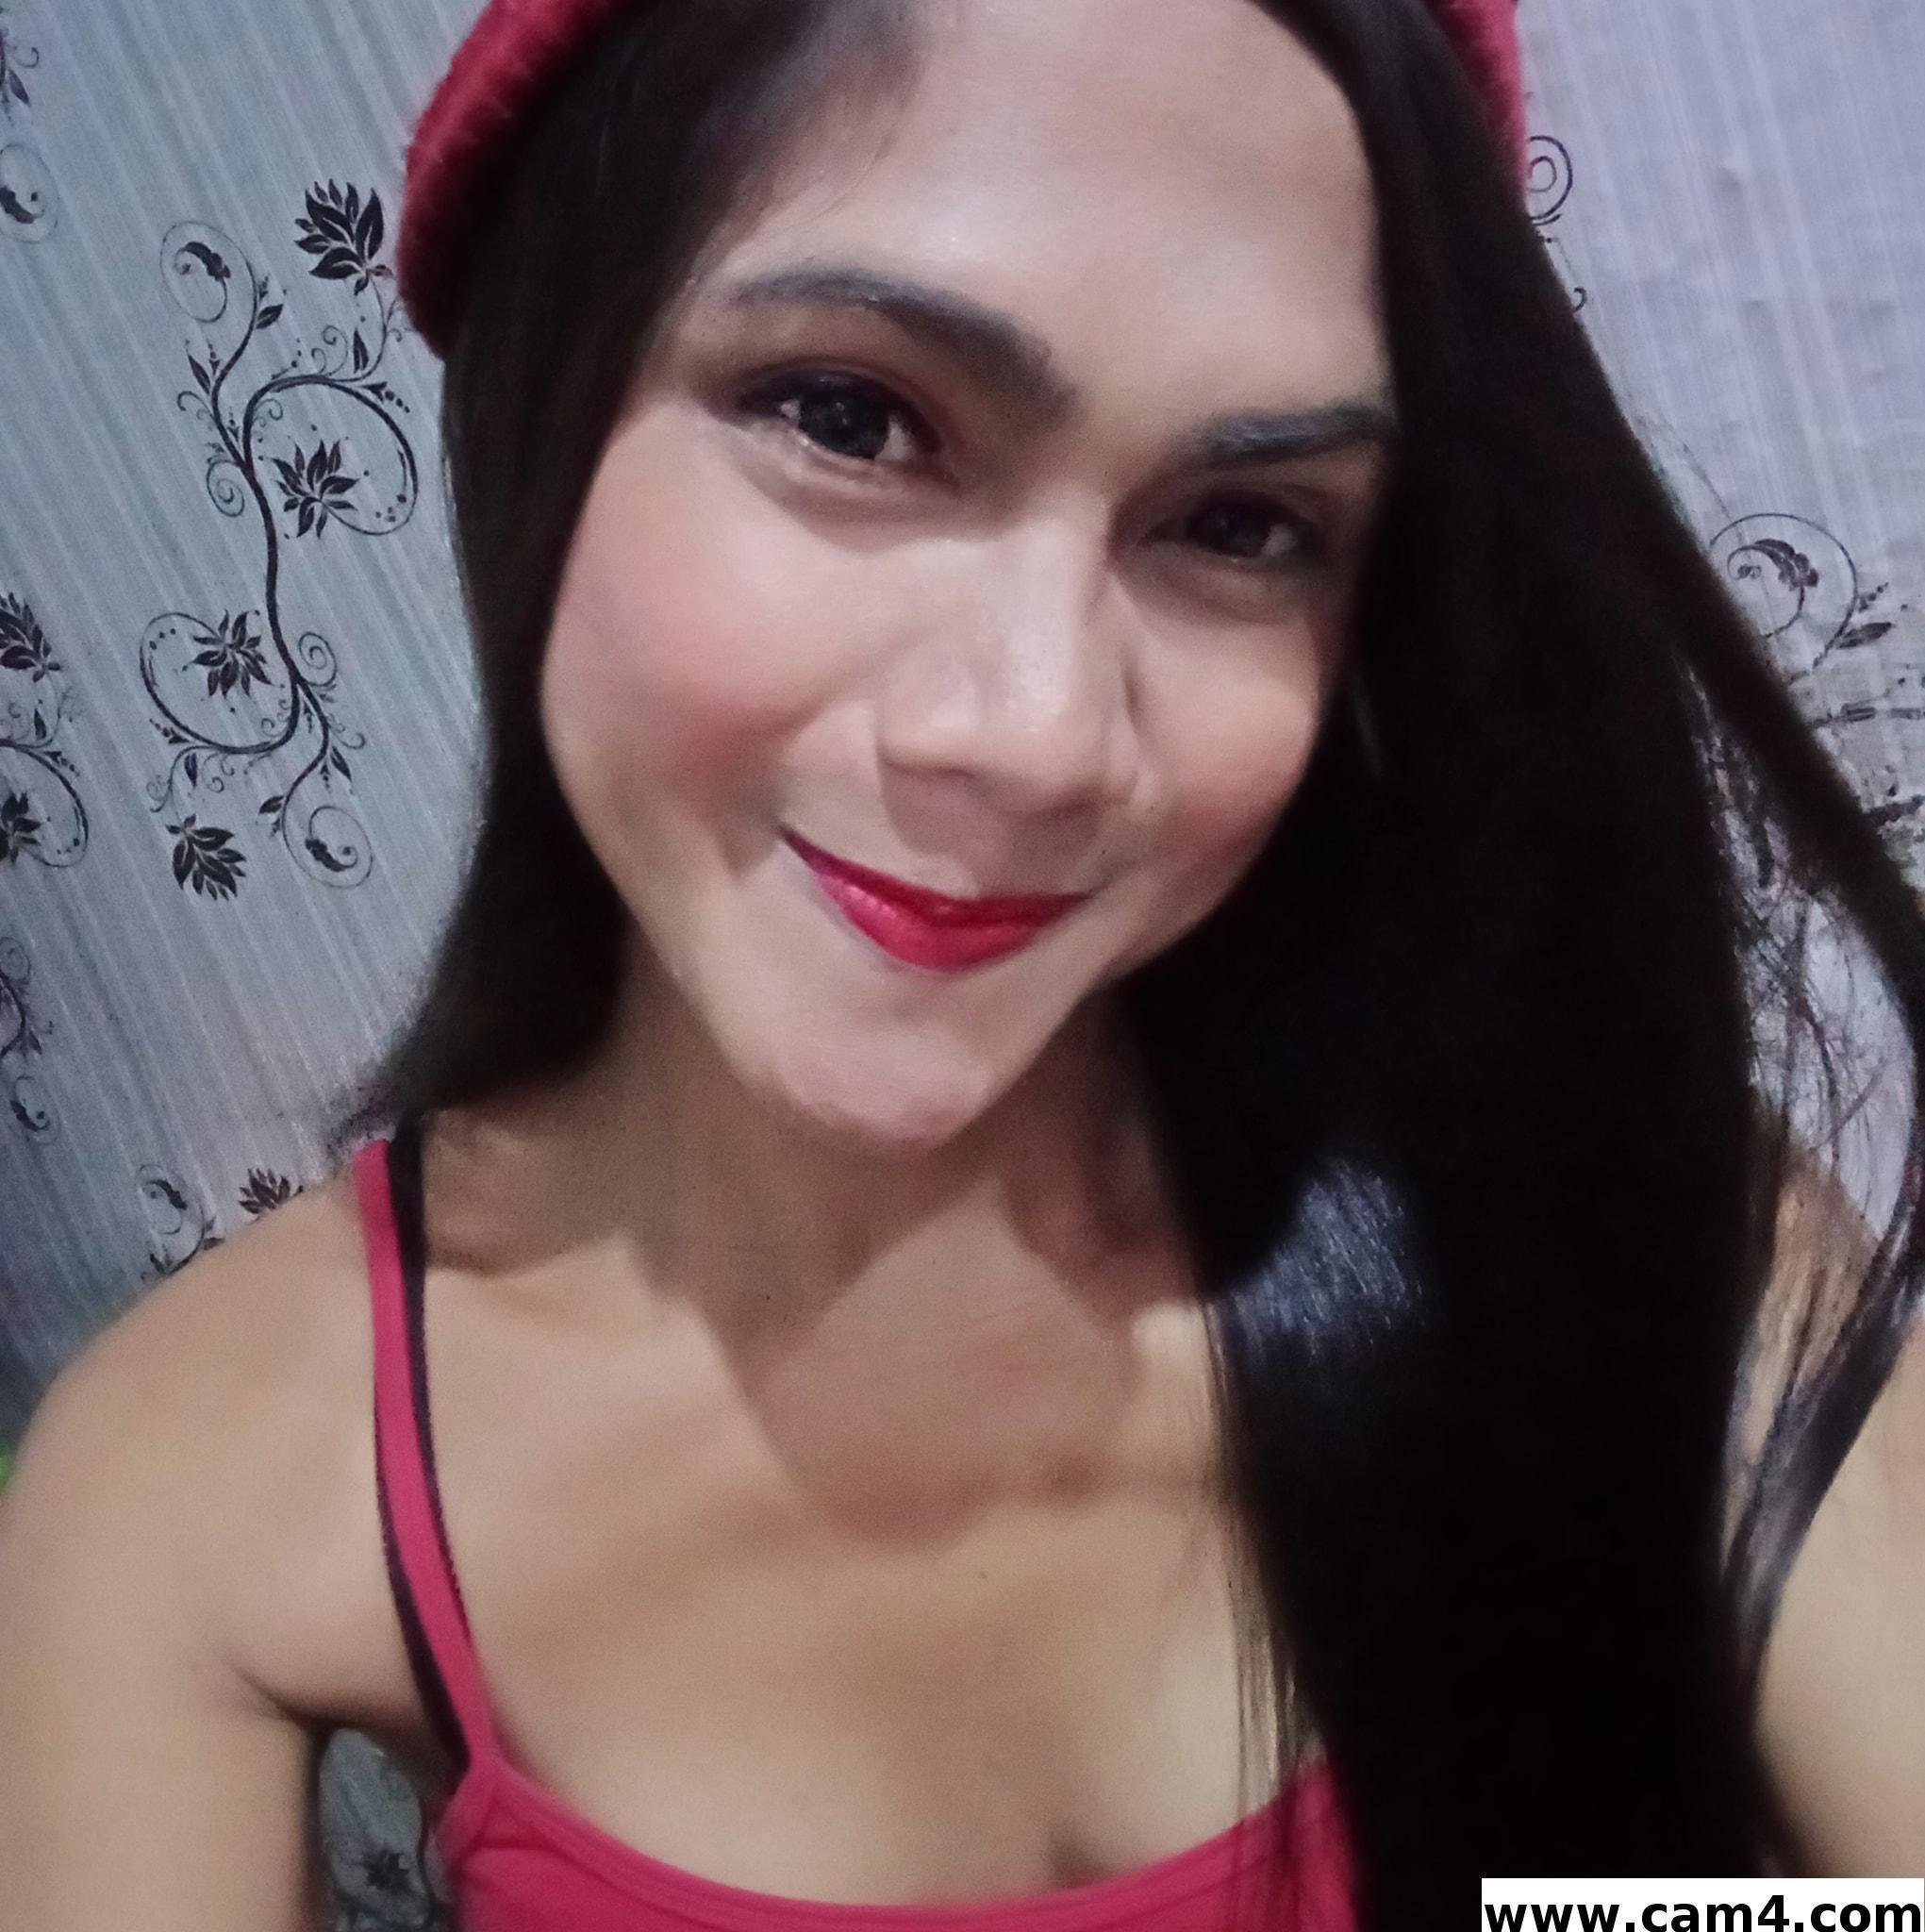 AsianSexyDoll live cam on Cam4.com